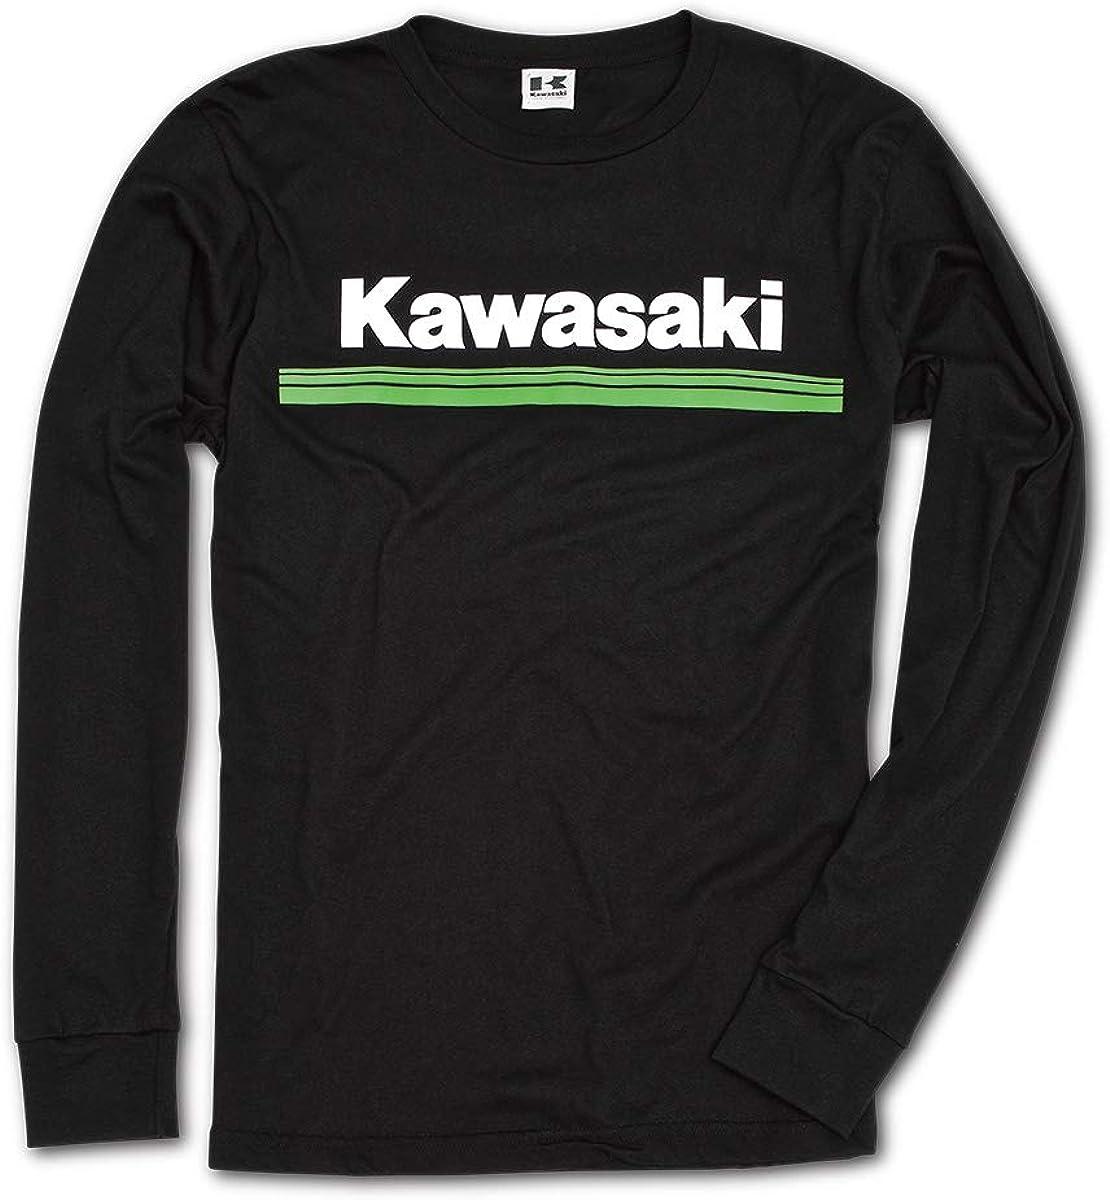 Kawasaki 3 Green Lines Long Sleeve T-Shirt Black